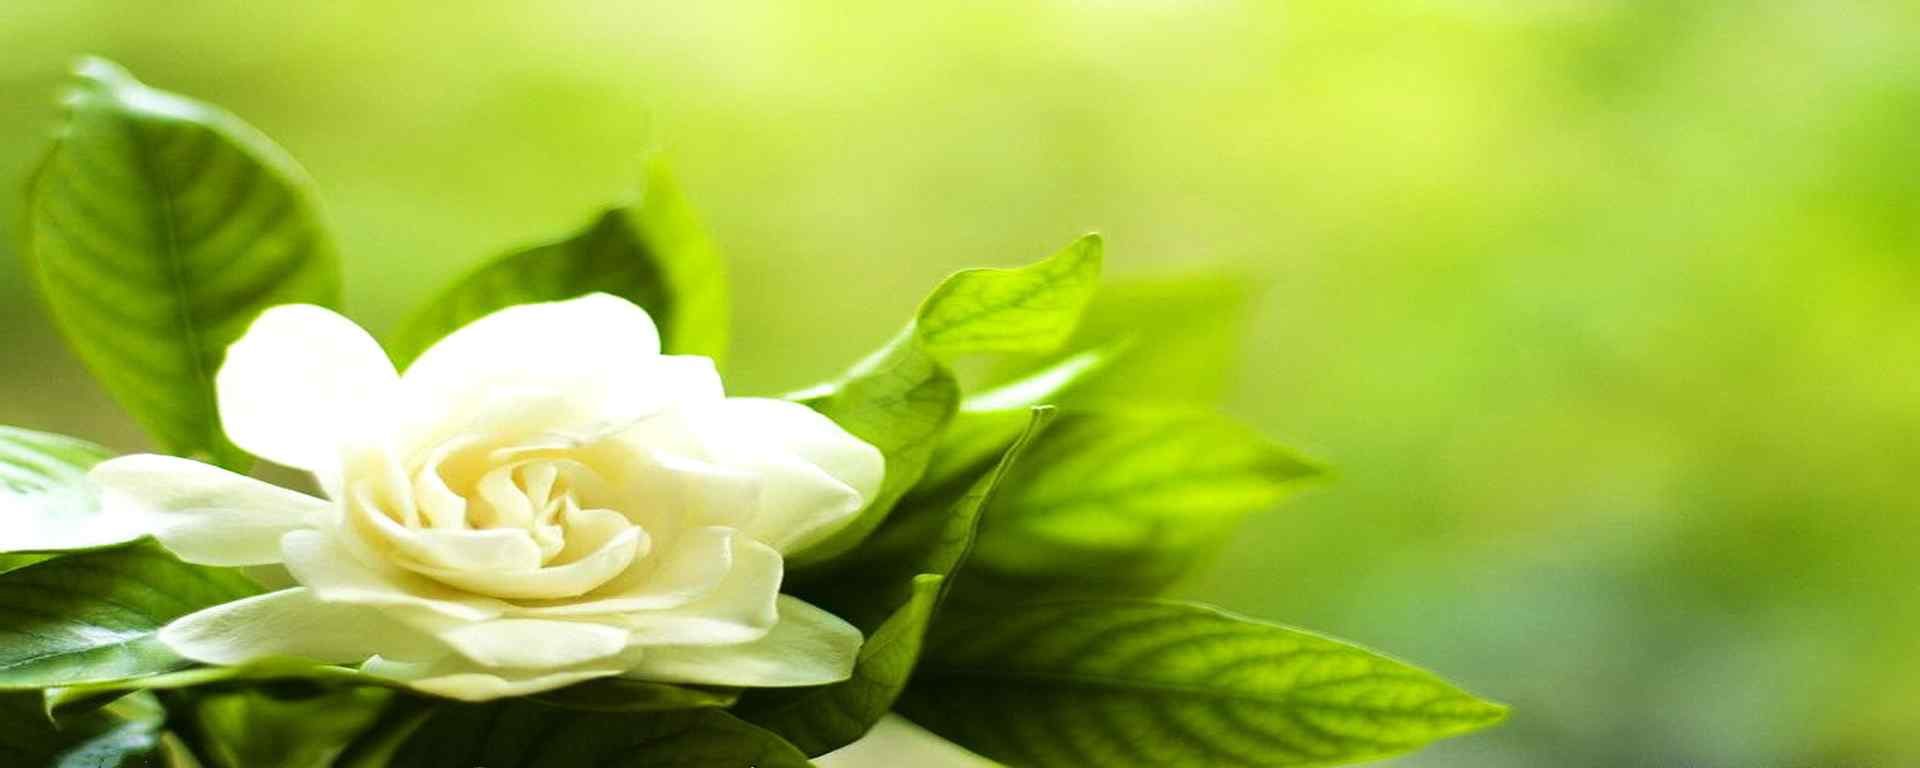 栀子花_栀子花图片_栀子花花语_栀子花植物壁纸